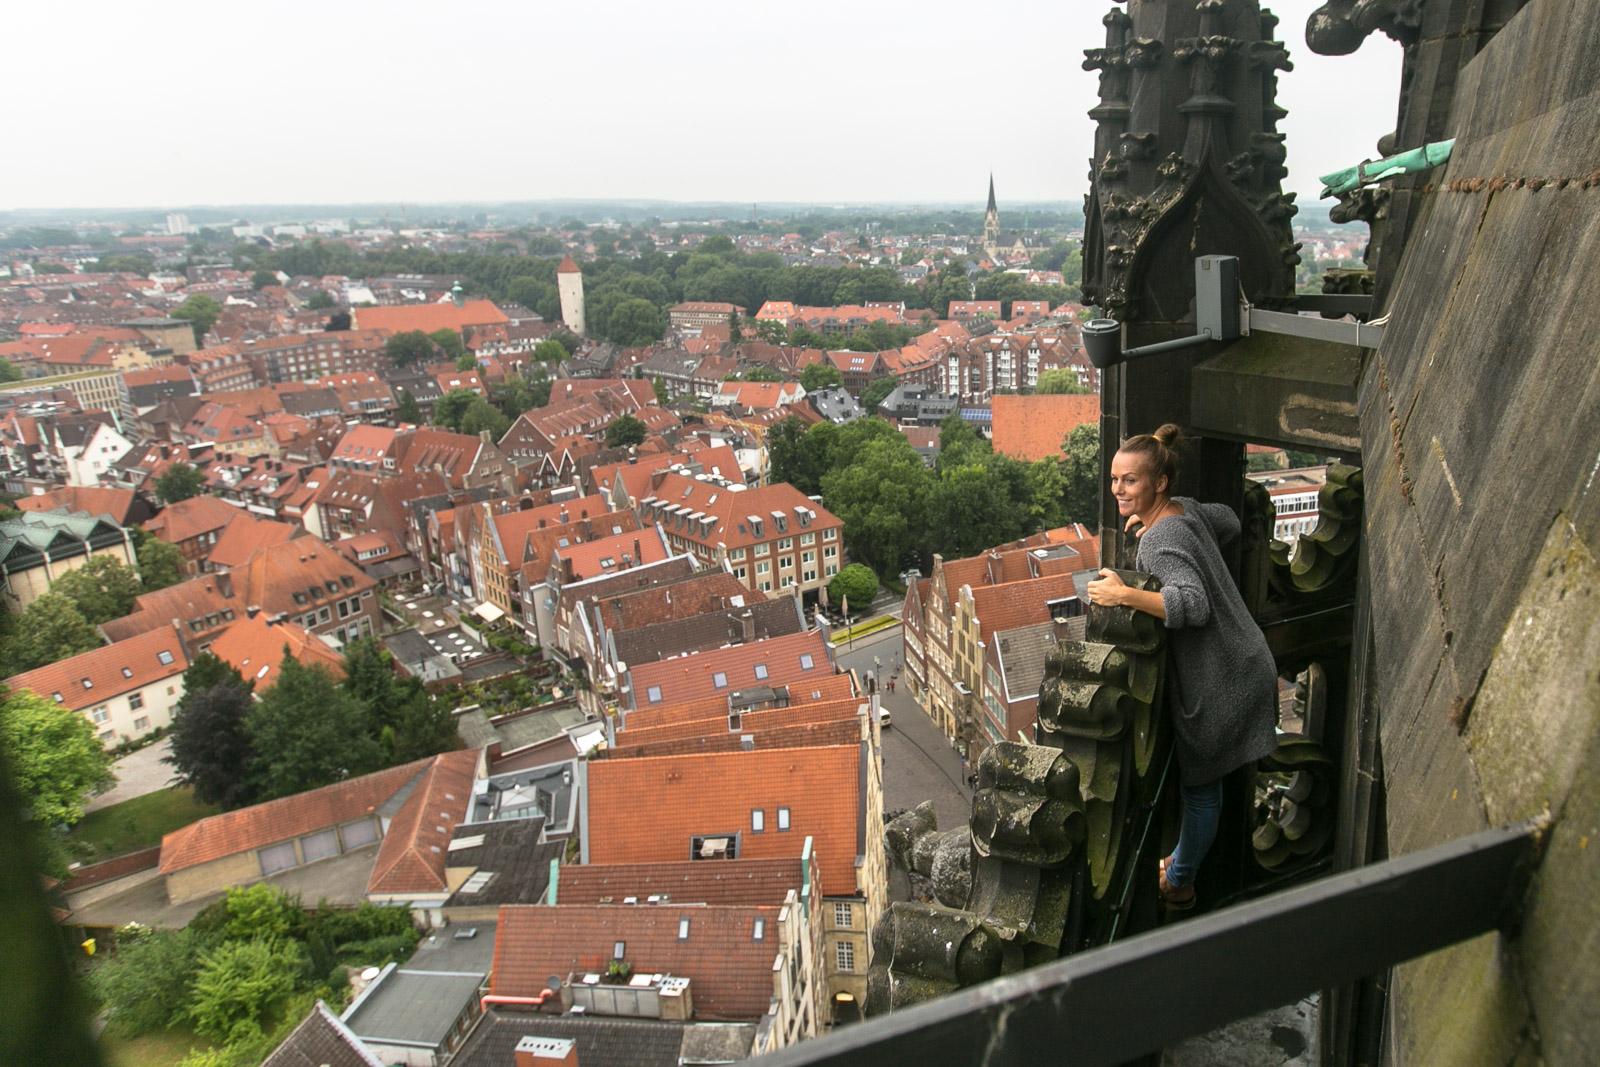 Mein Besuch bei der Türmerin in Münster